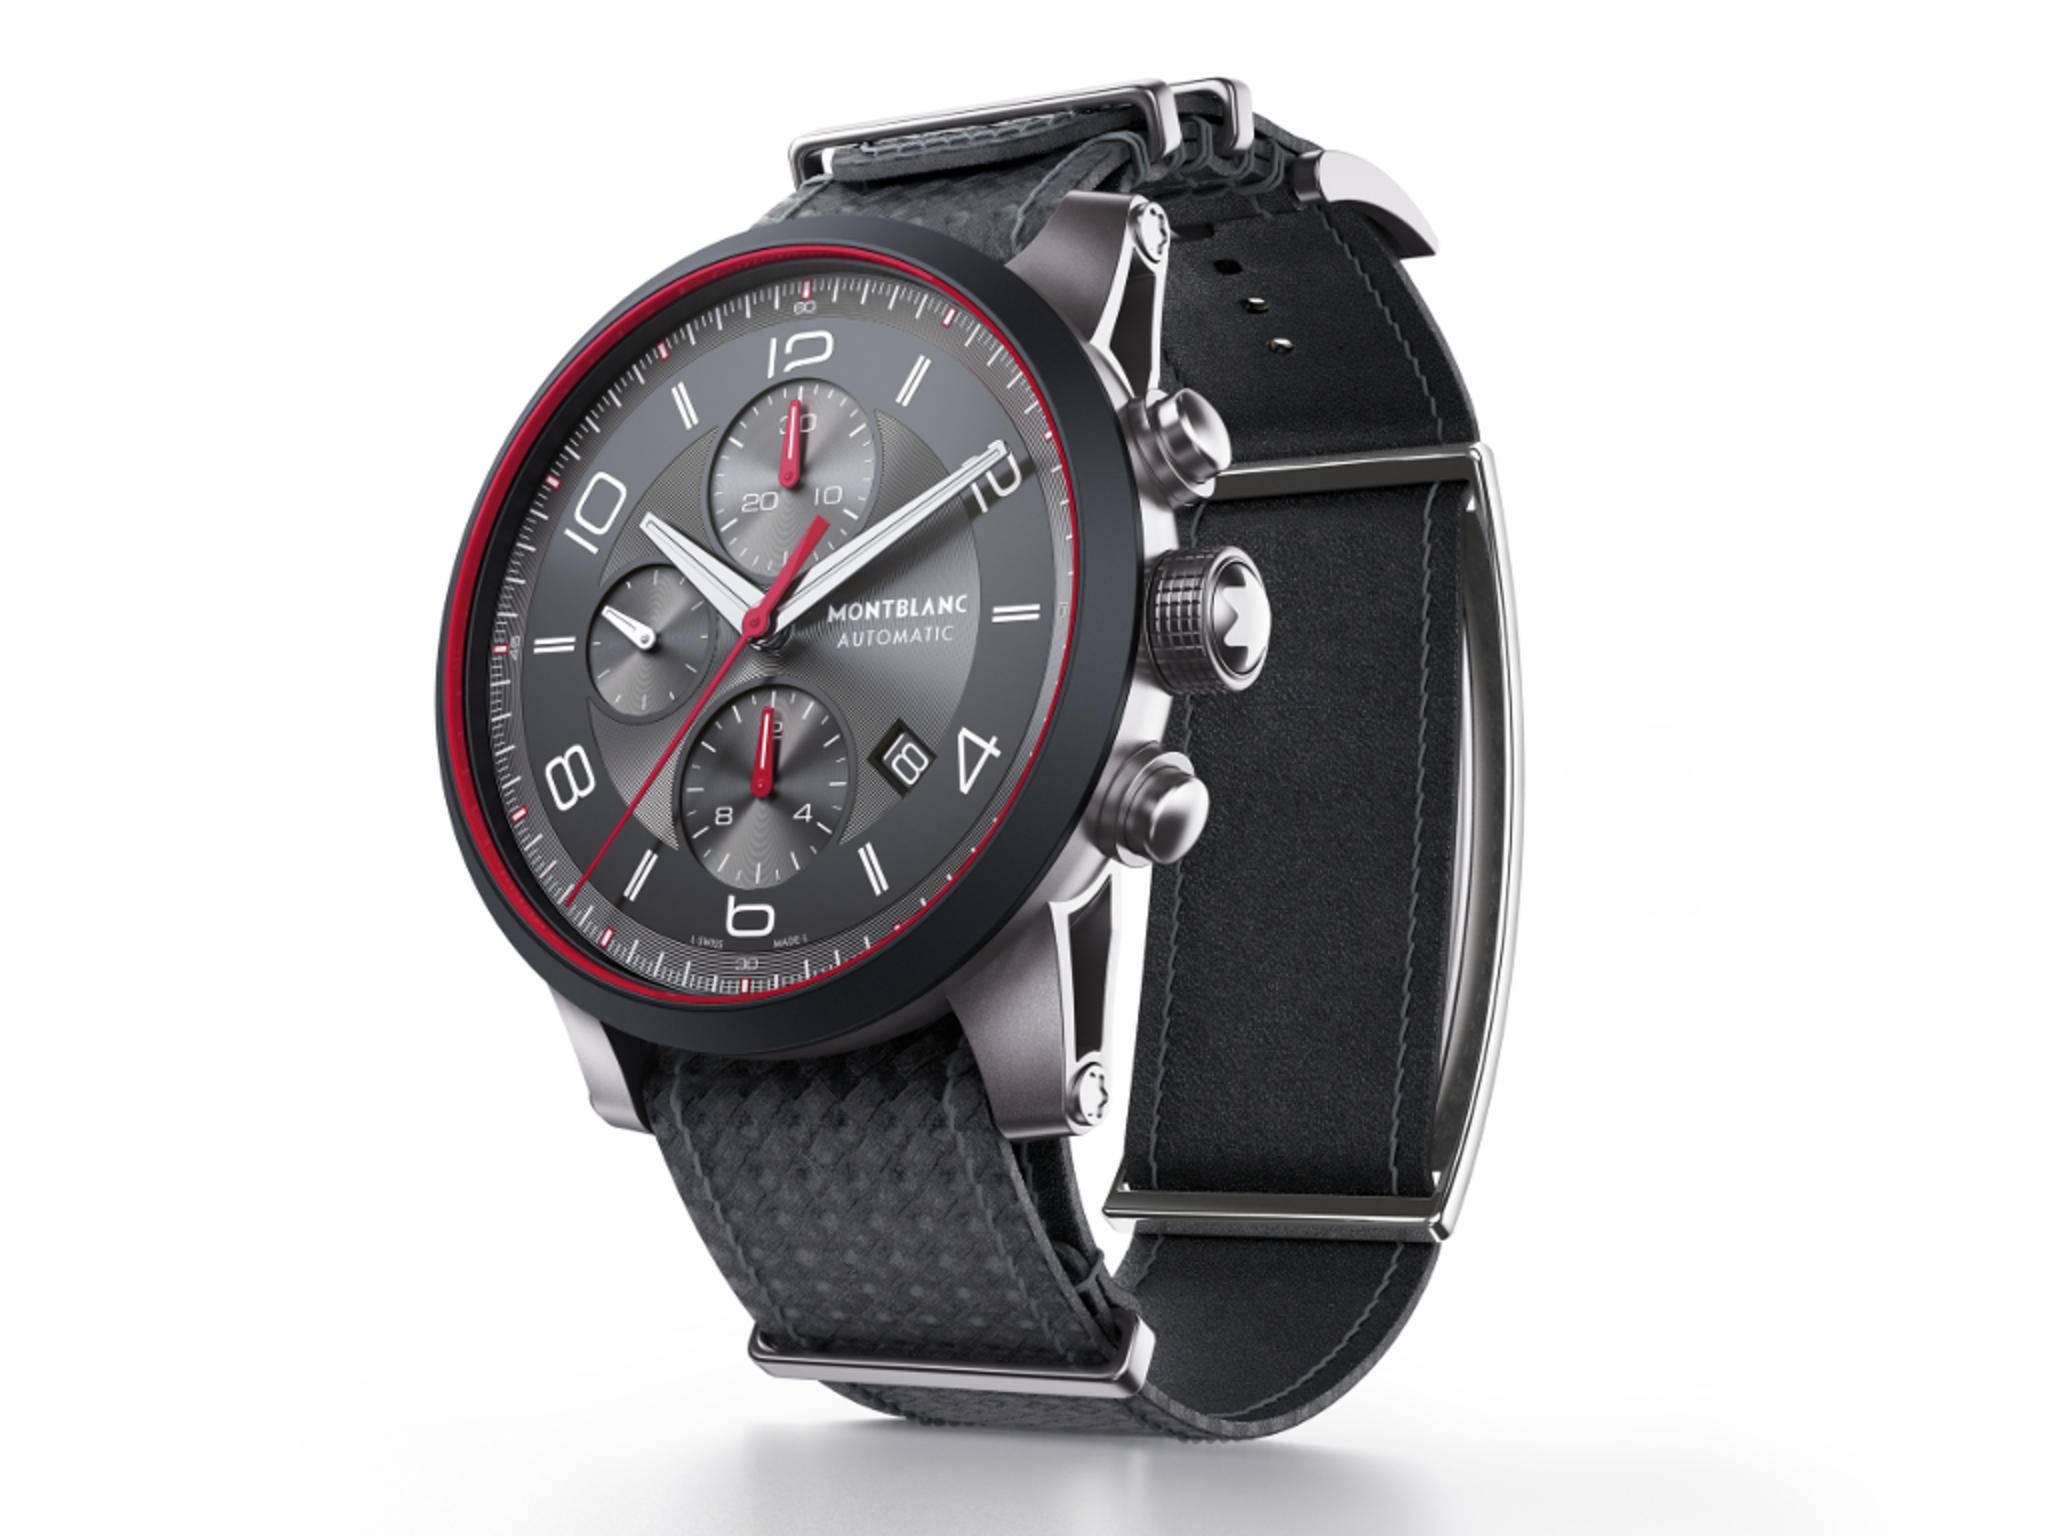 Die Timewalker von Montblanc mit e-Strap-Armband.